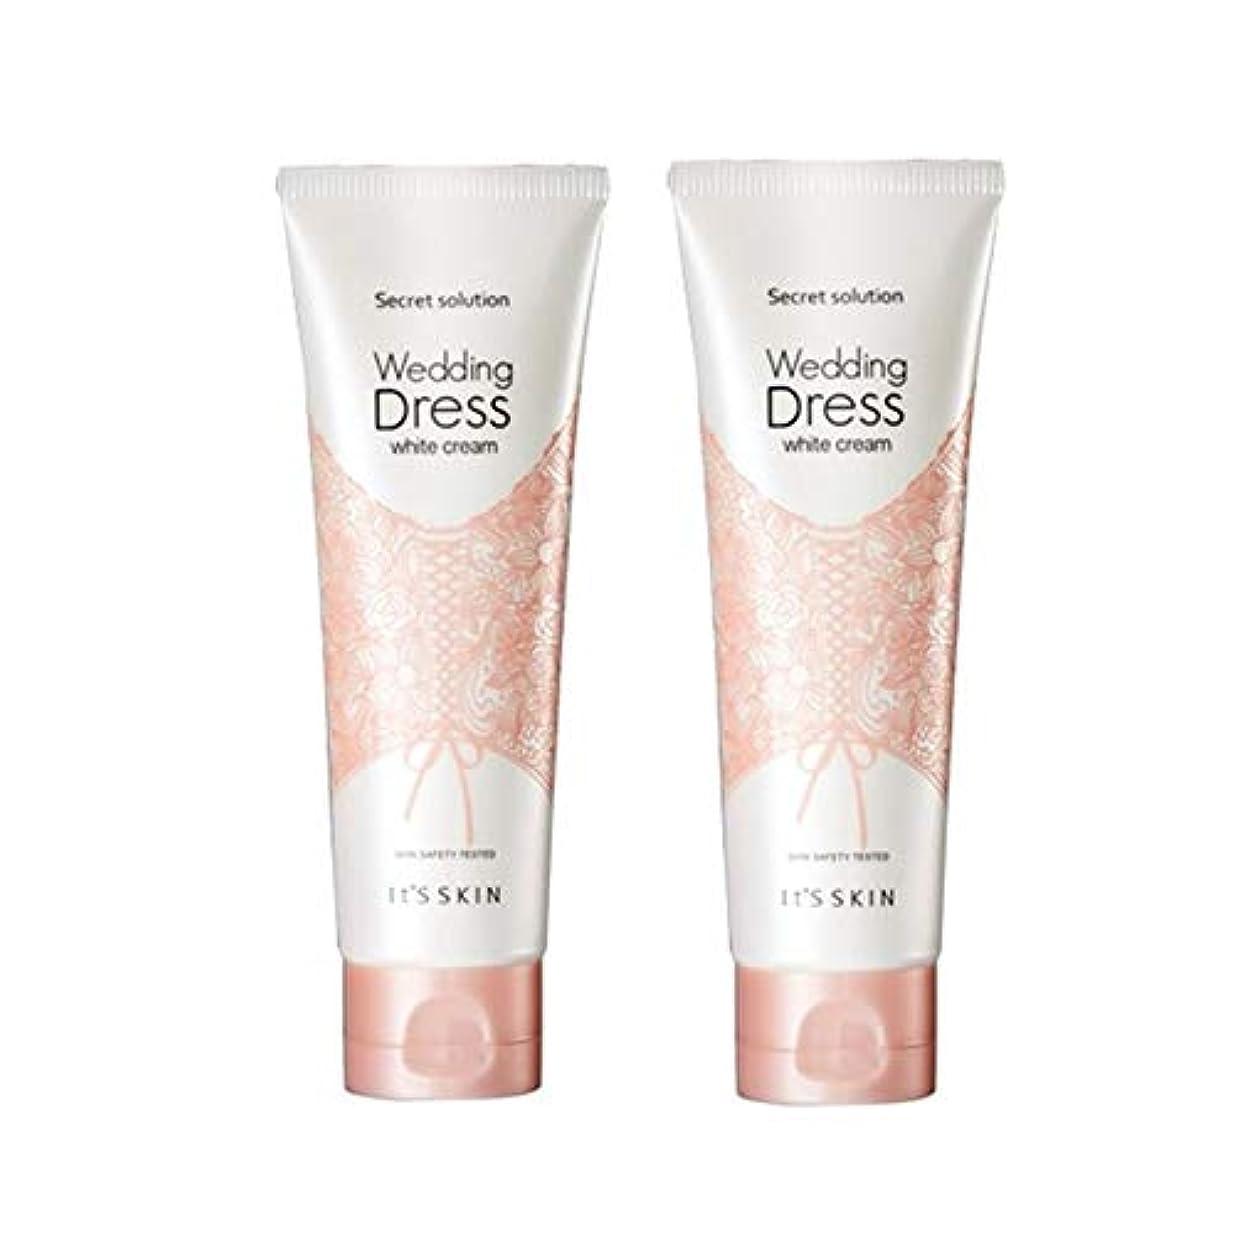 イッツスキンのシークレット?ソリューションウェディングドレス?ホワイトクリーム100mlx 2本セット、It's Skin Secret Solution Wedding Dress White Cream 100ml...